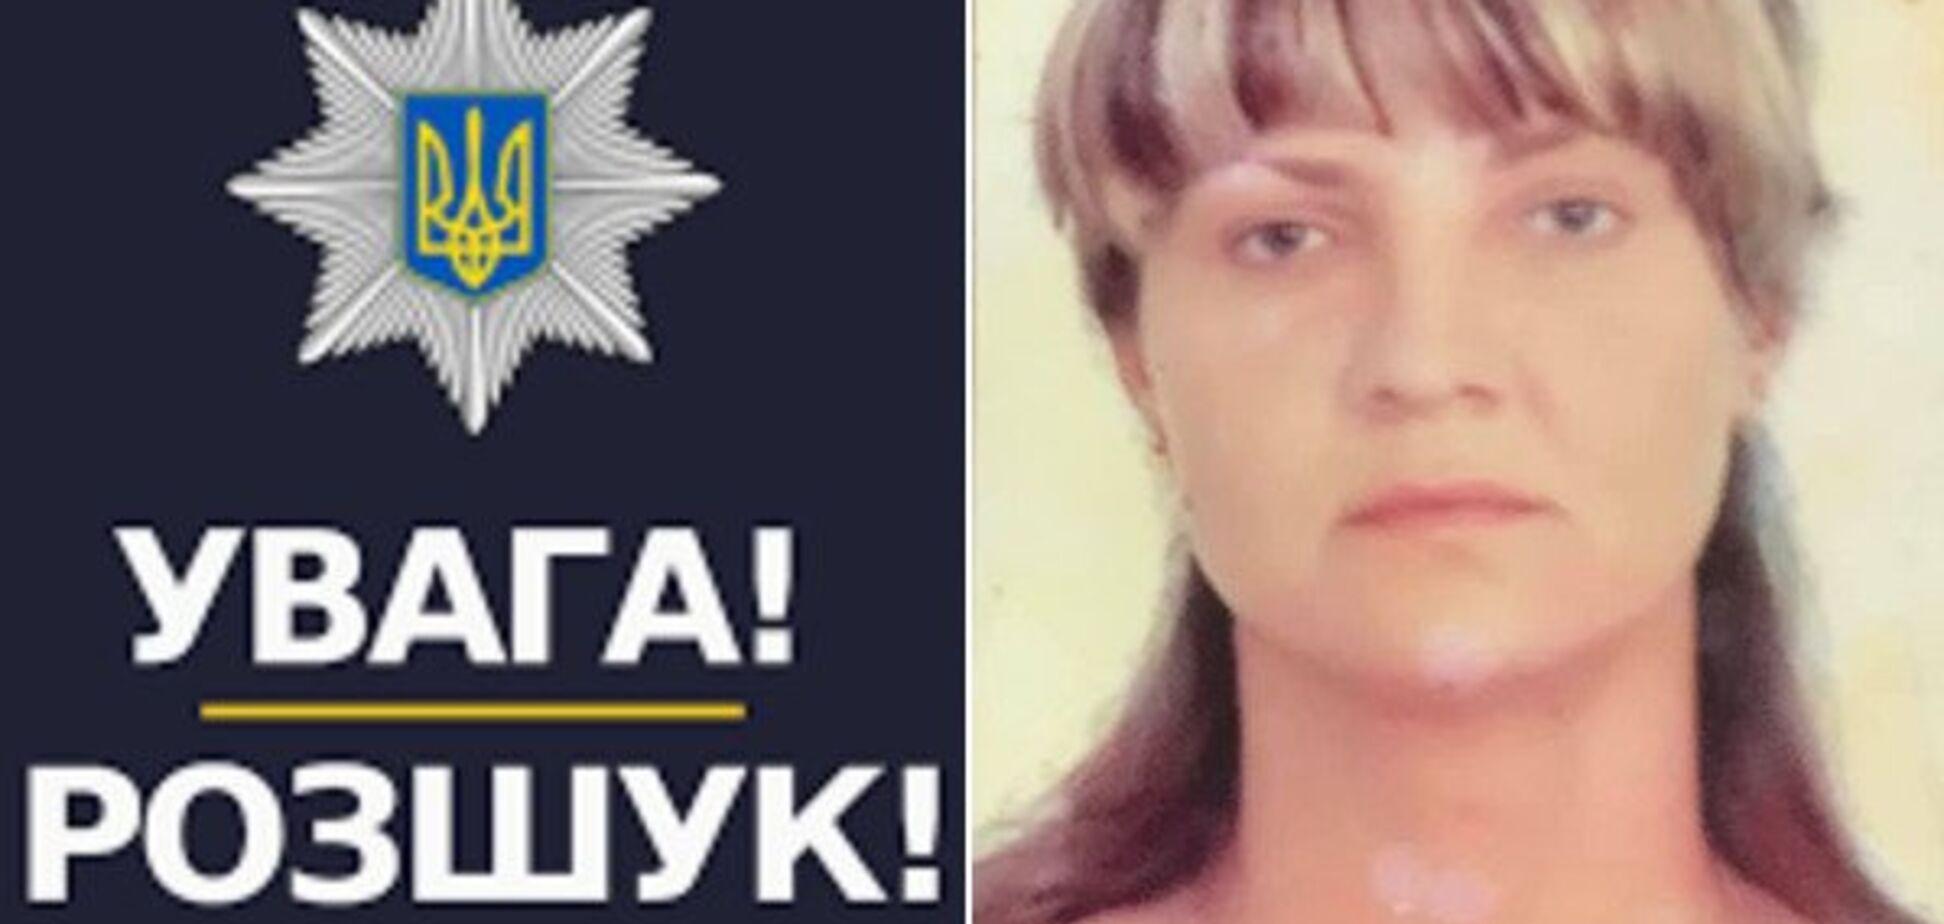 На Дніпропетровщині зникла 41-річна жінка: поліція оголосила розшук